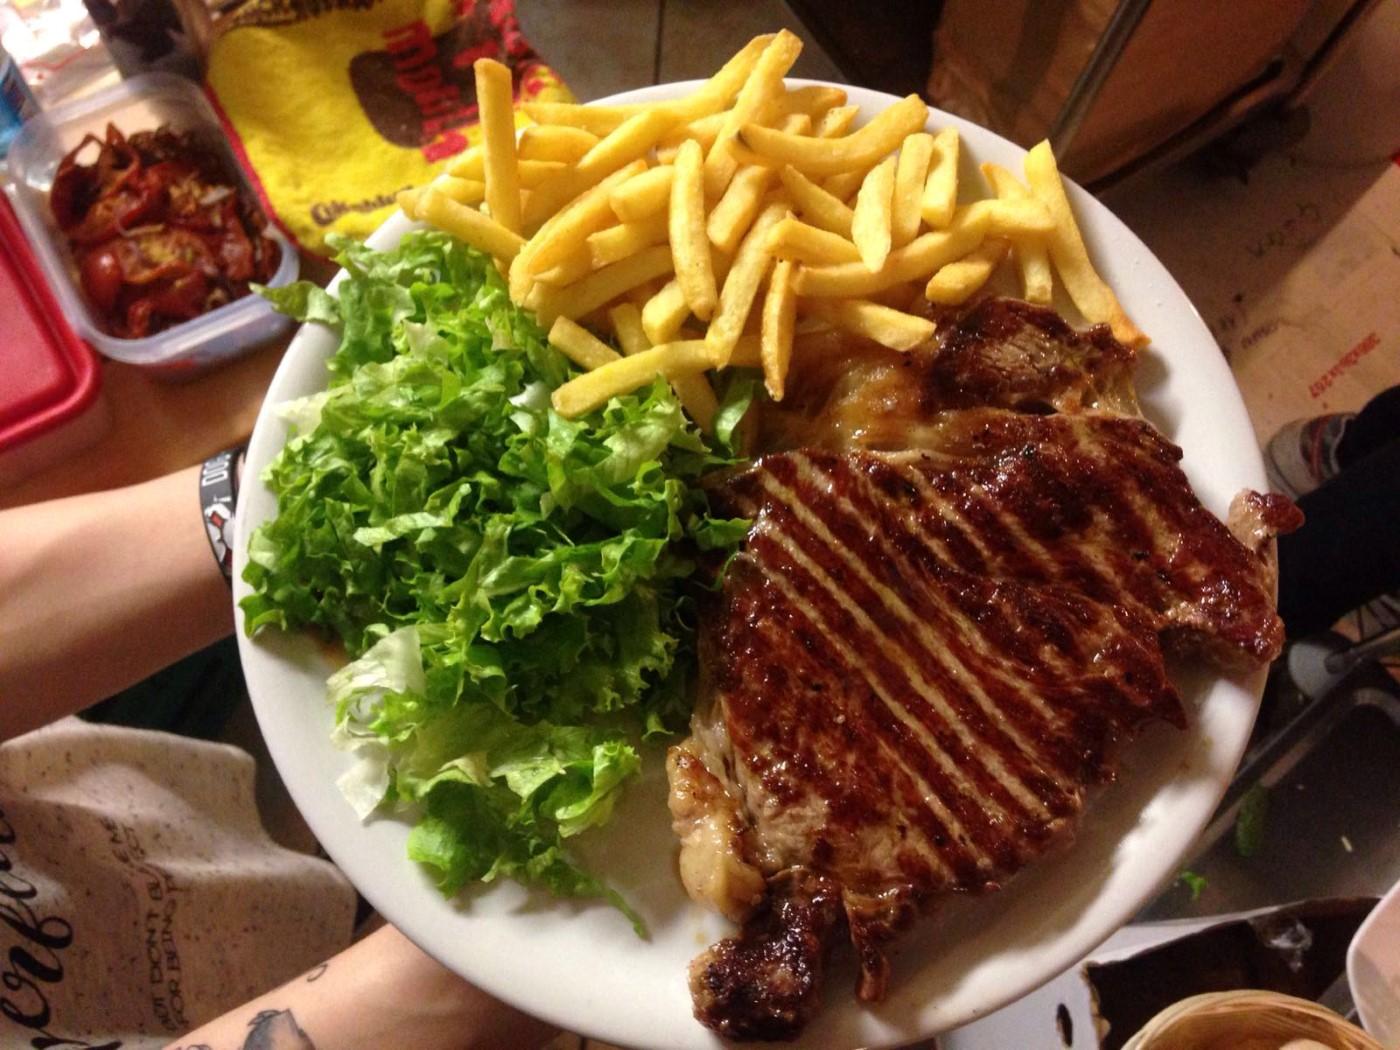 piatto con carne alla piastra, patatine fritte ed insalata